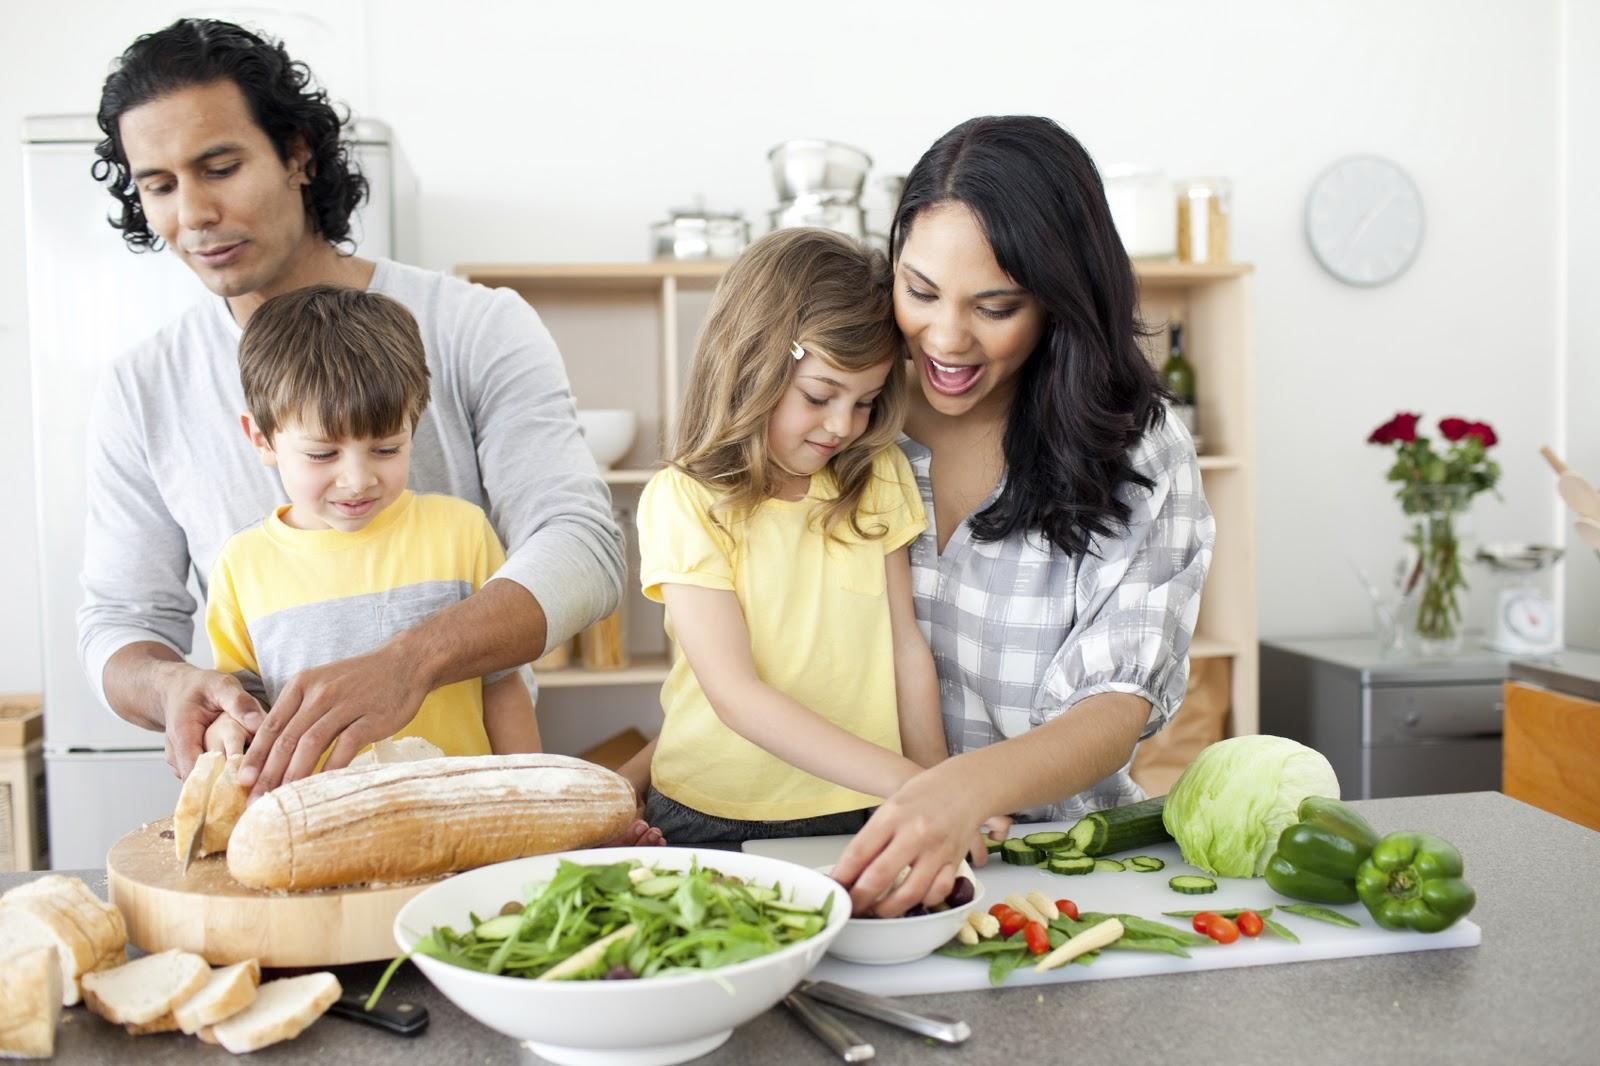 Nấu ăn là trò chơi làm gia tăng sự tương tác giữa bố mẹ và con